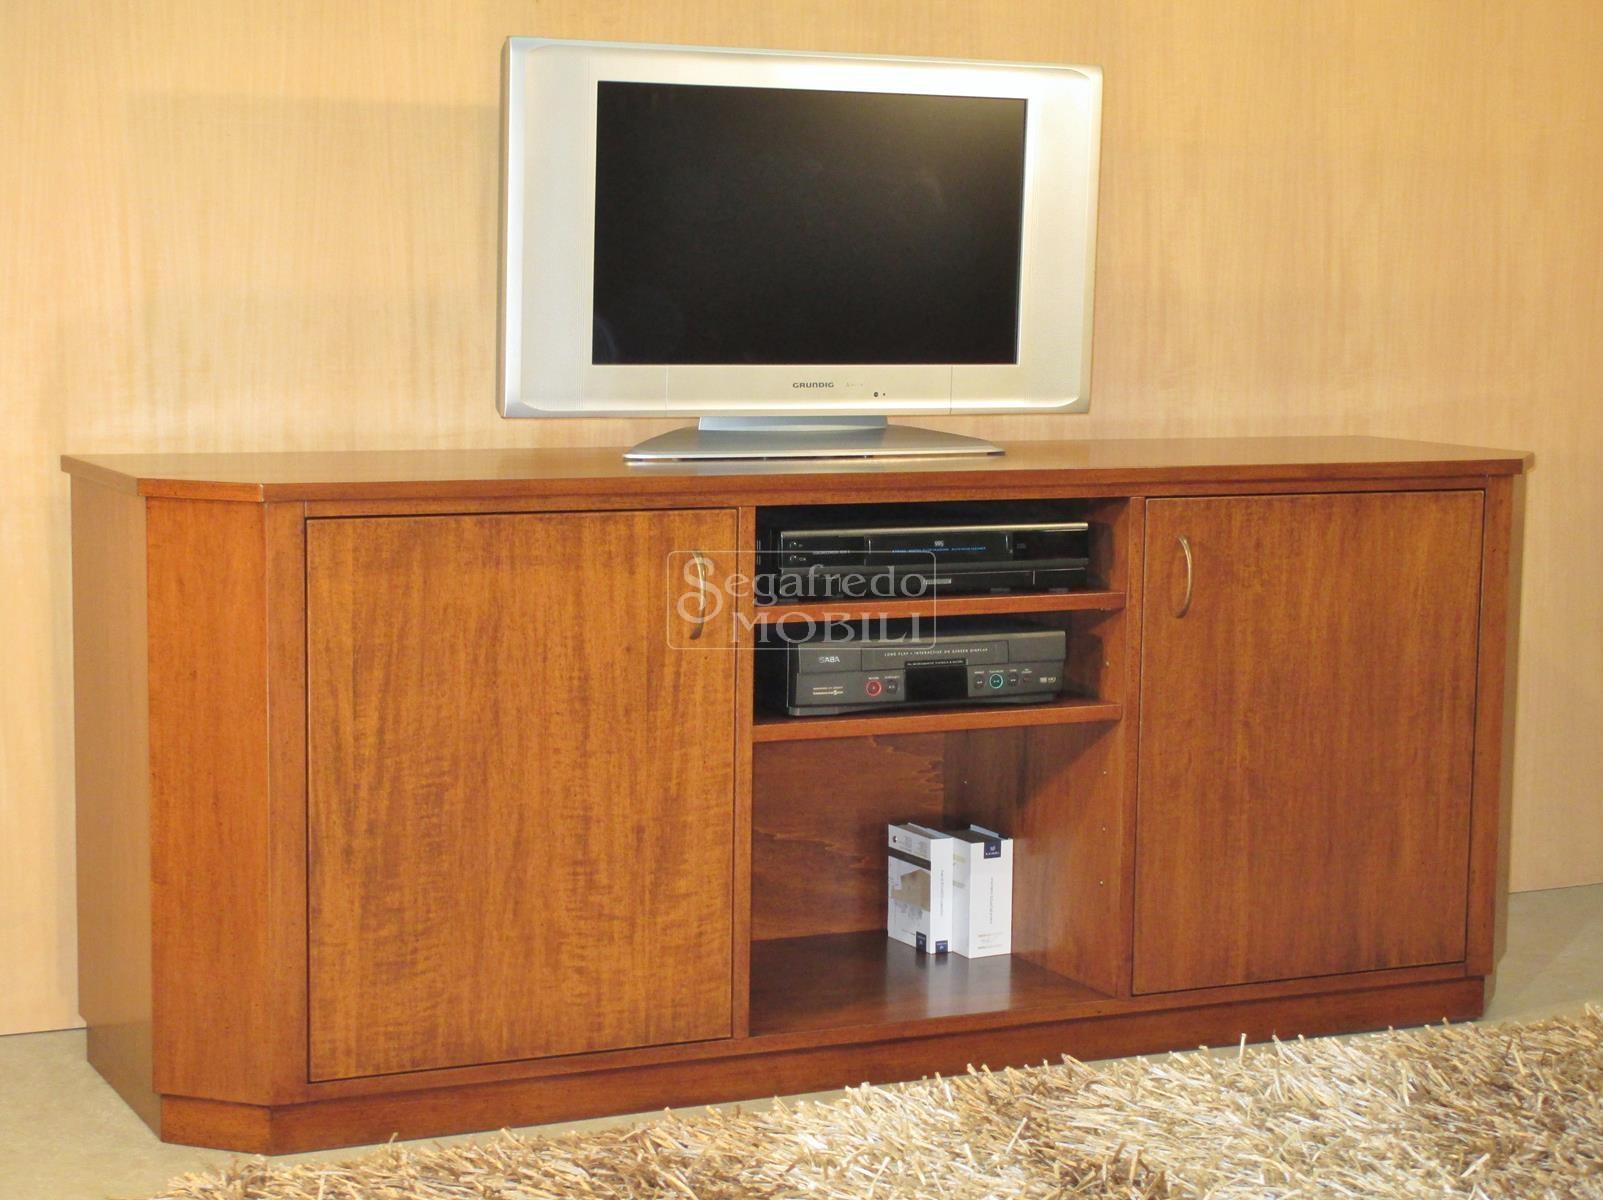 Credenza Per Tv : Credenza porta tv ed accessori in legno con pilastri sfaccettati